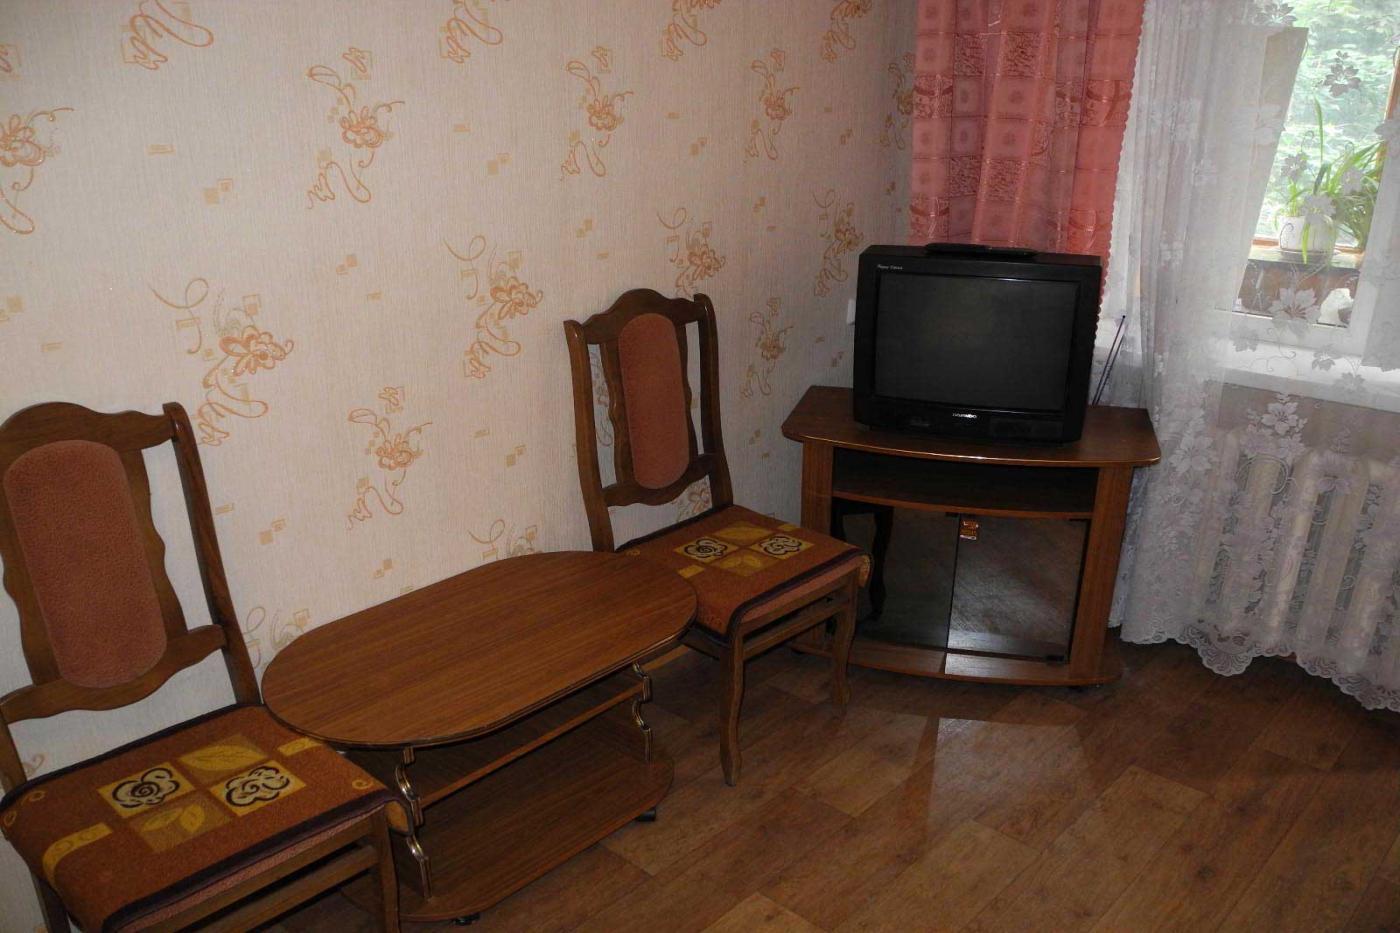 1-комнатная квартира посуточно (вариант № 3858), ул. Кольцовская улица, фото № 11